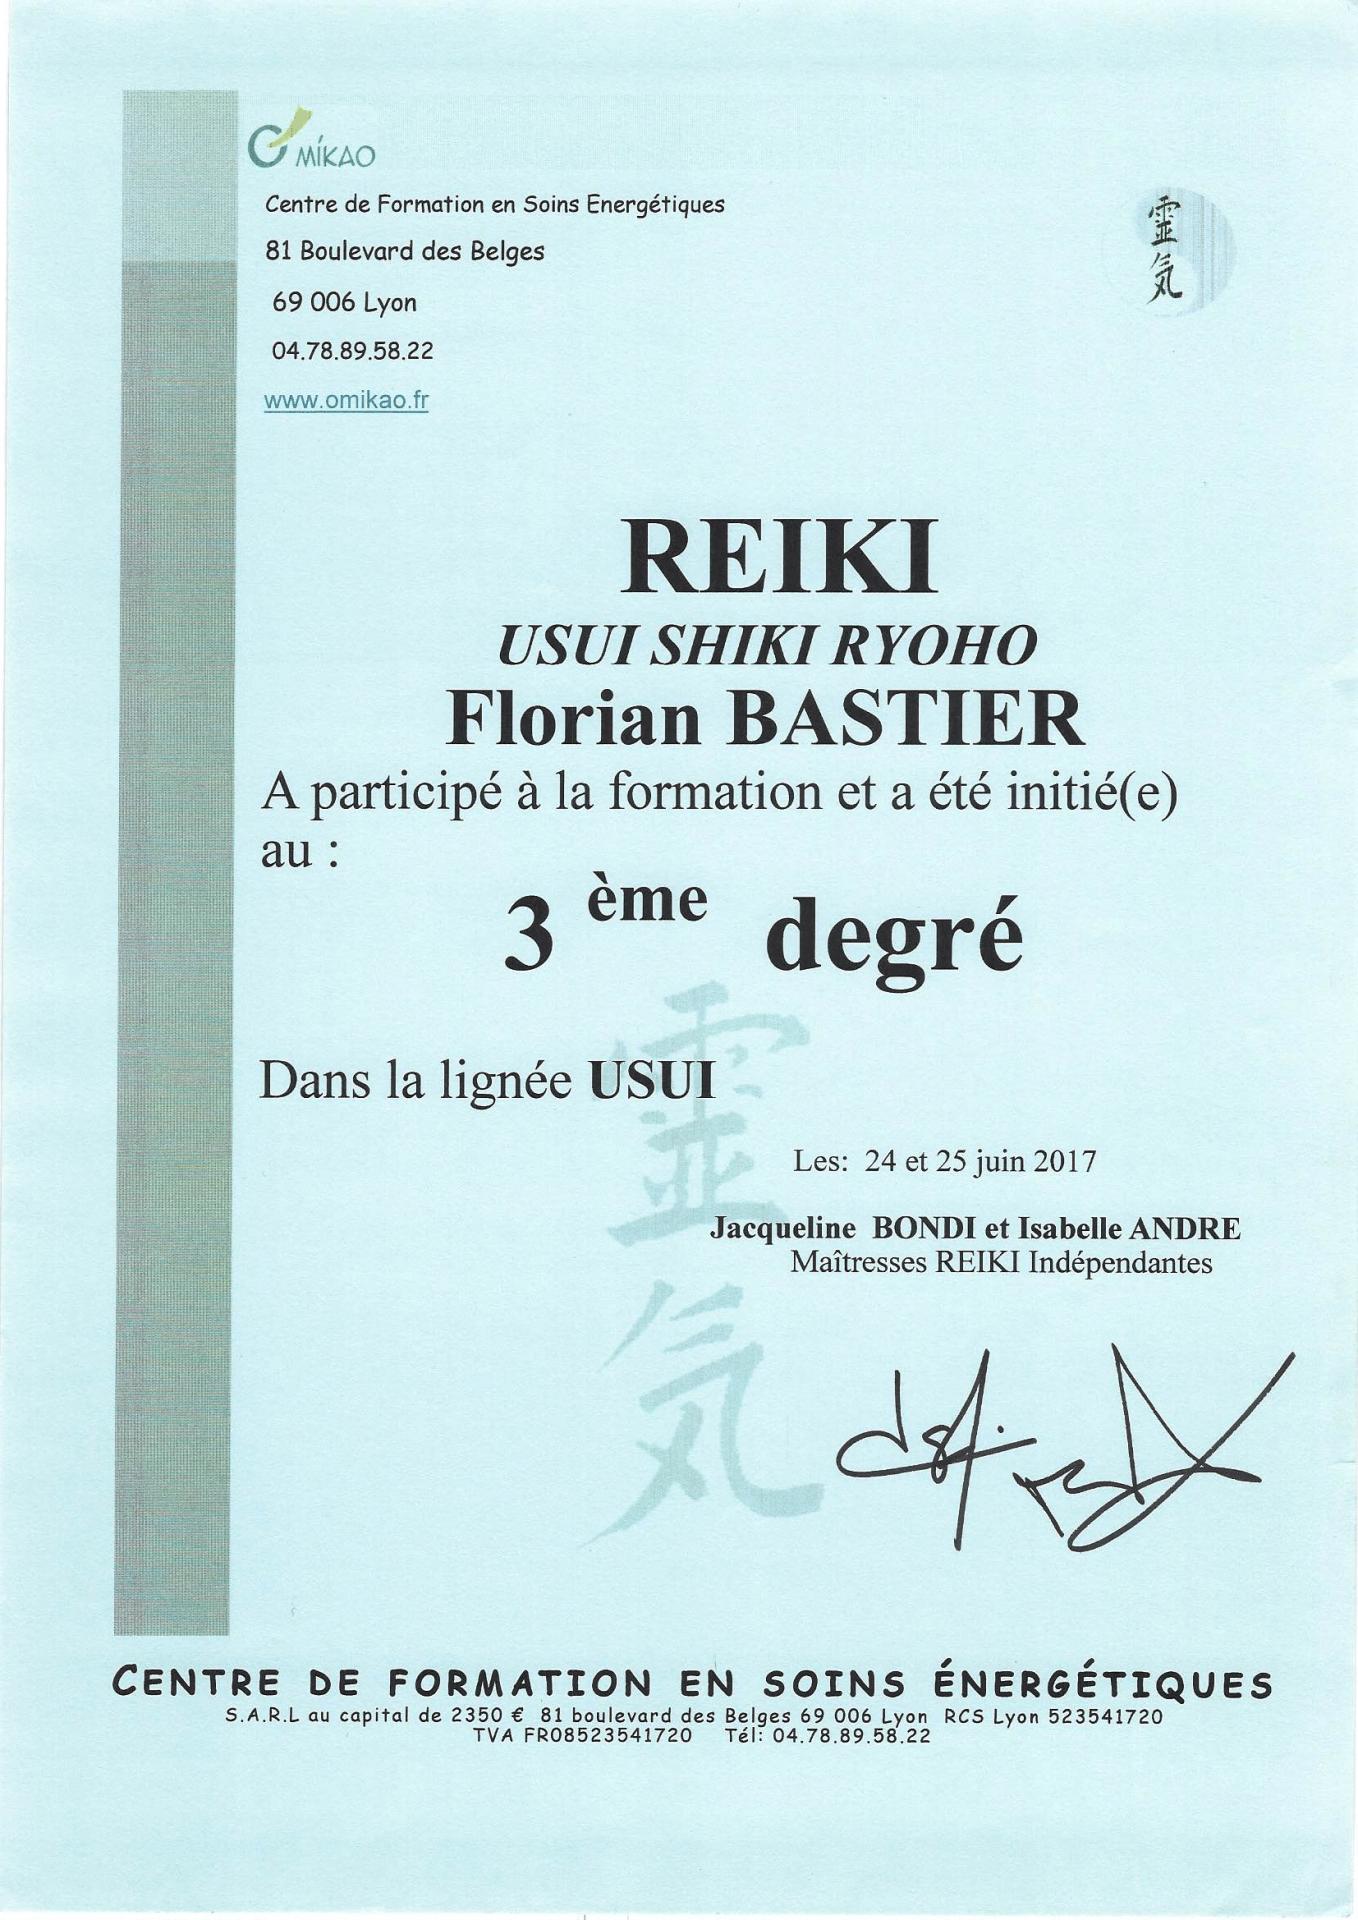 Reiki 3ème degré